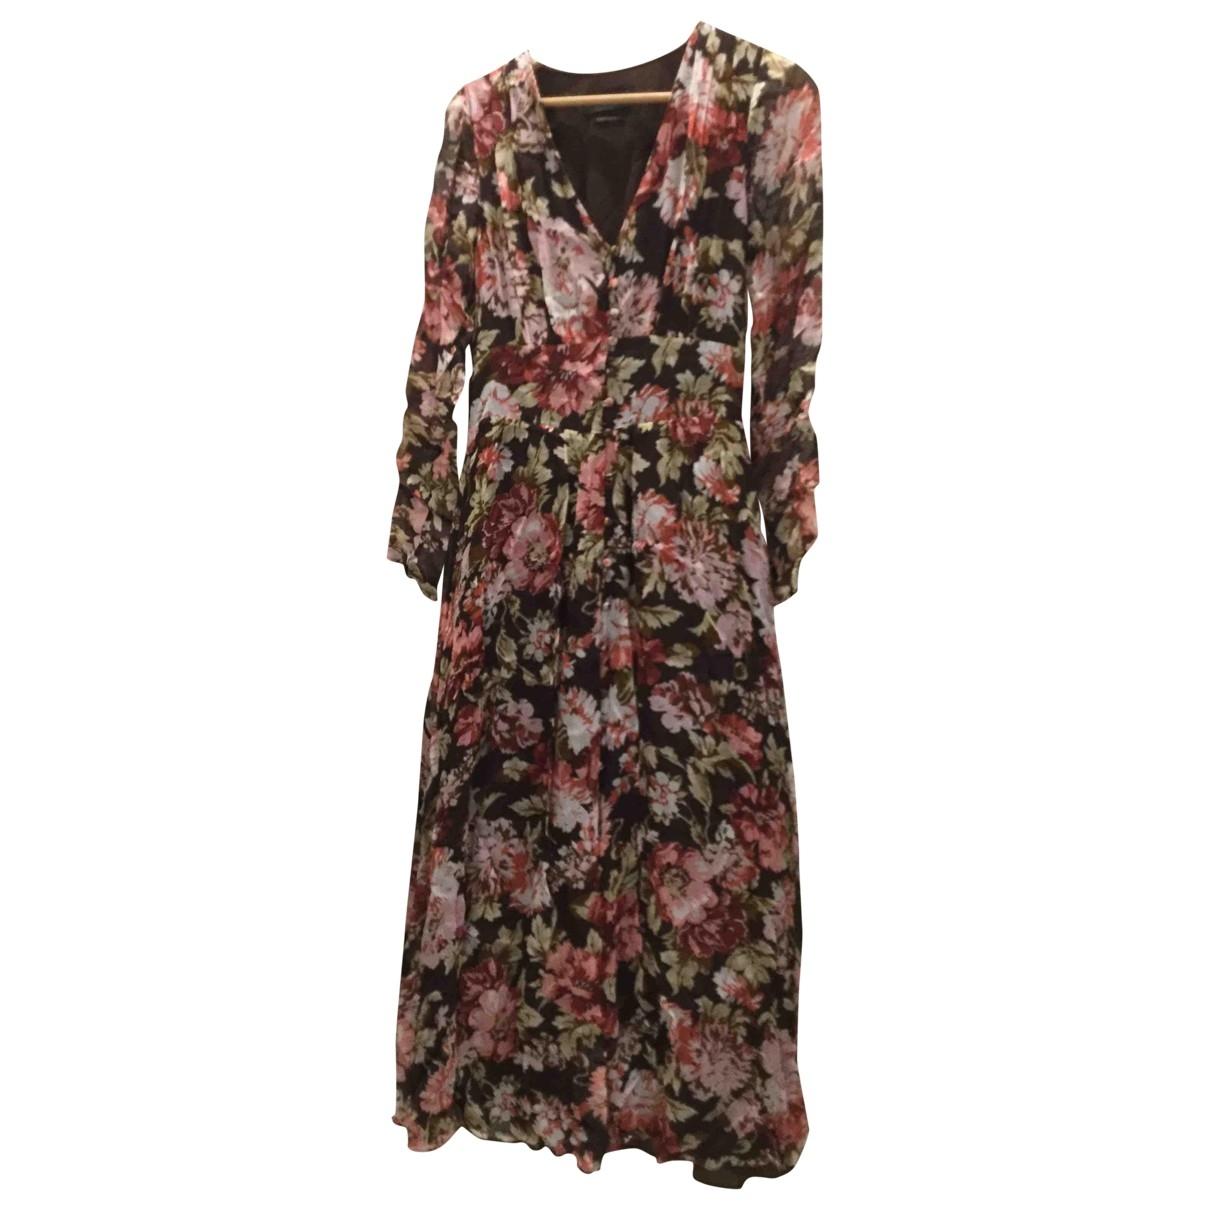 Massimo Dutti \N Kleid in  Bunt Viskose